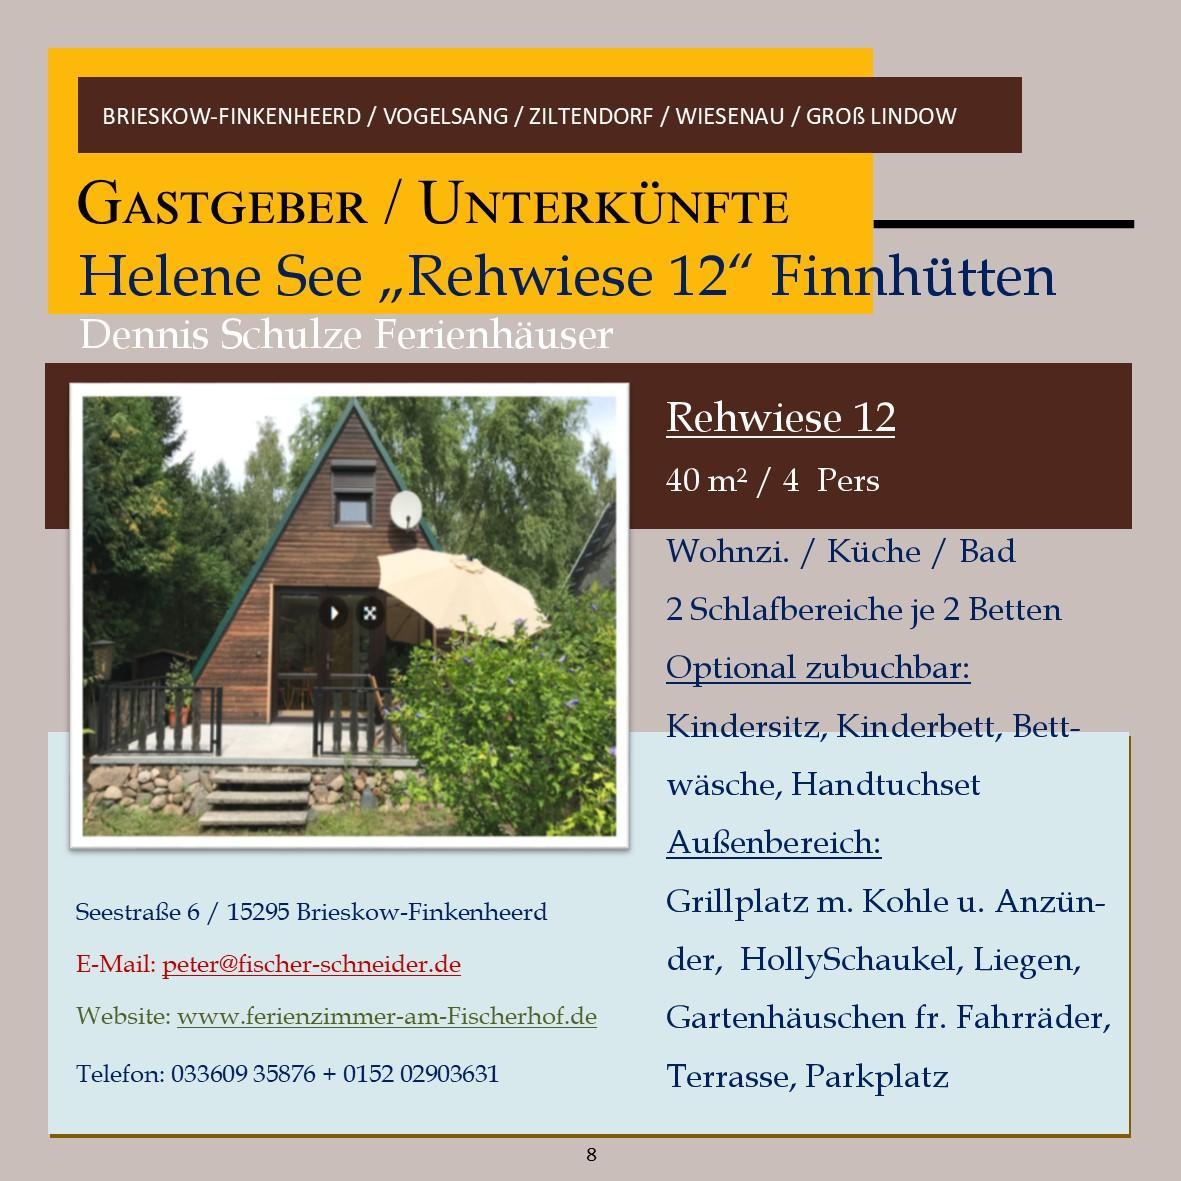 05_Gastronomie_Unterkünfte_Seite8